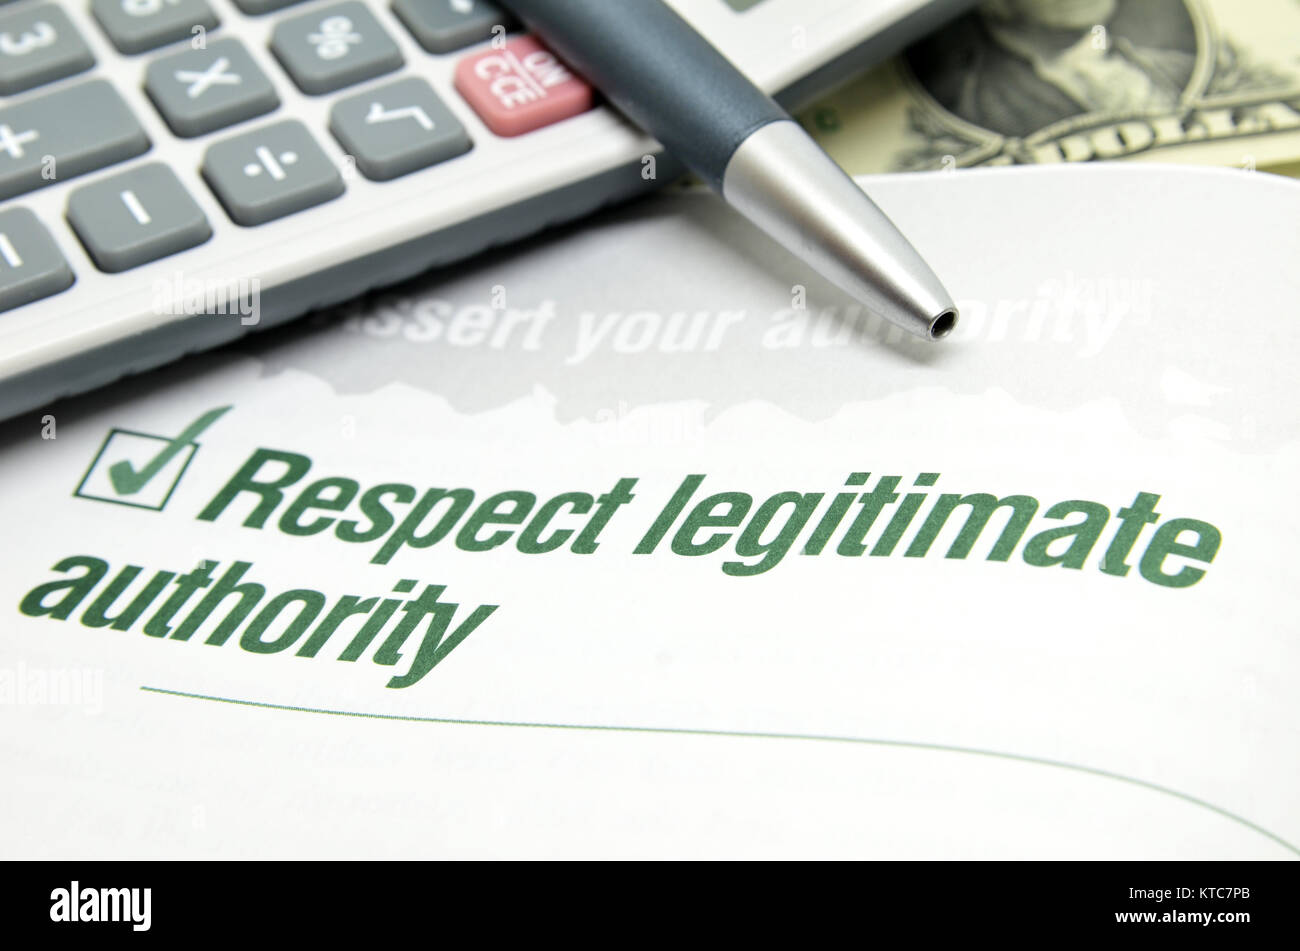 Respect legitimate authority - Stock Image